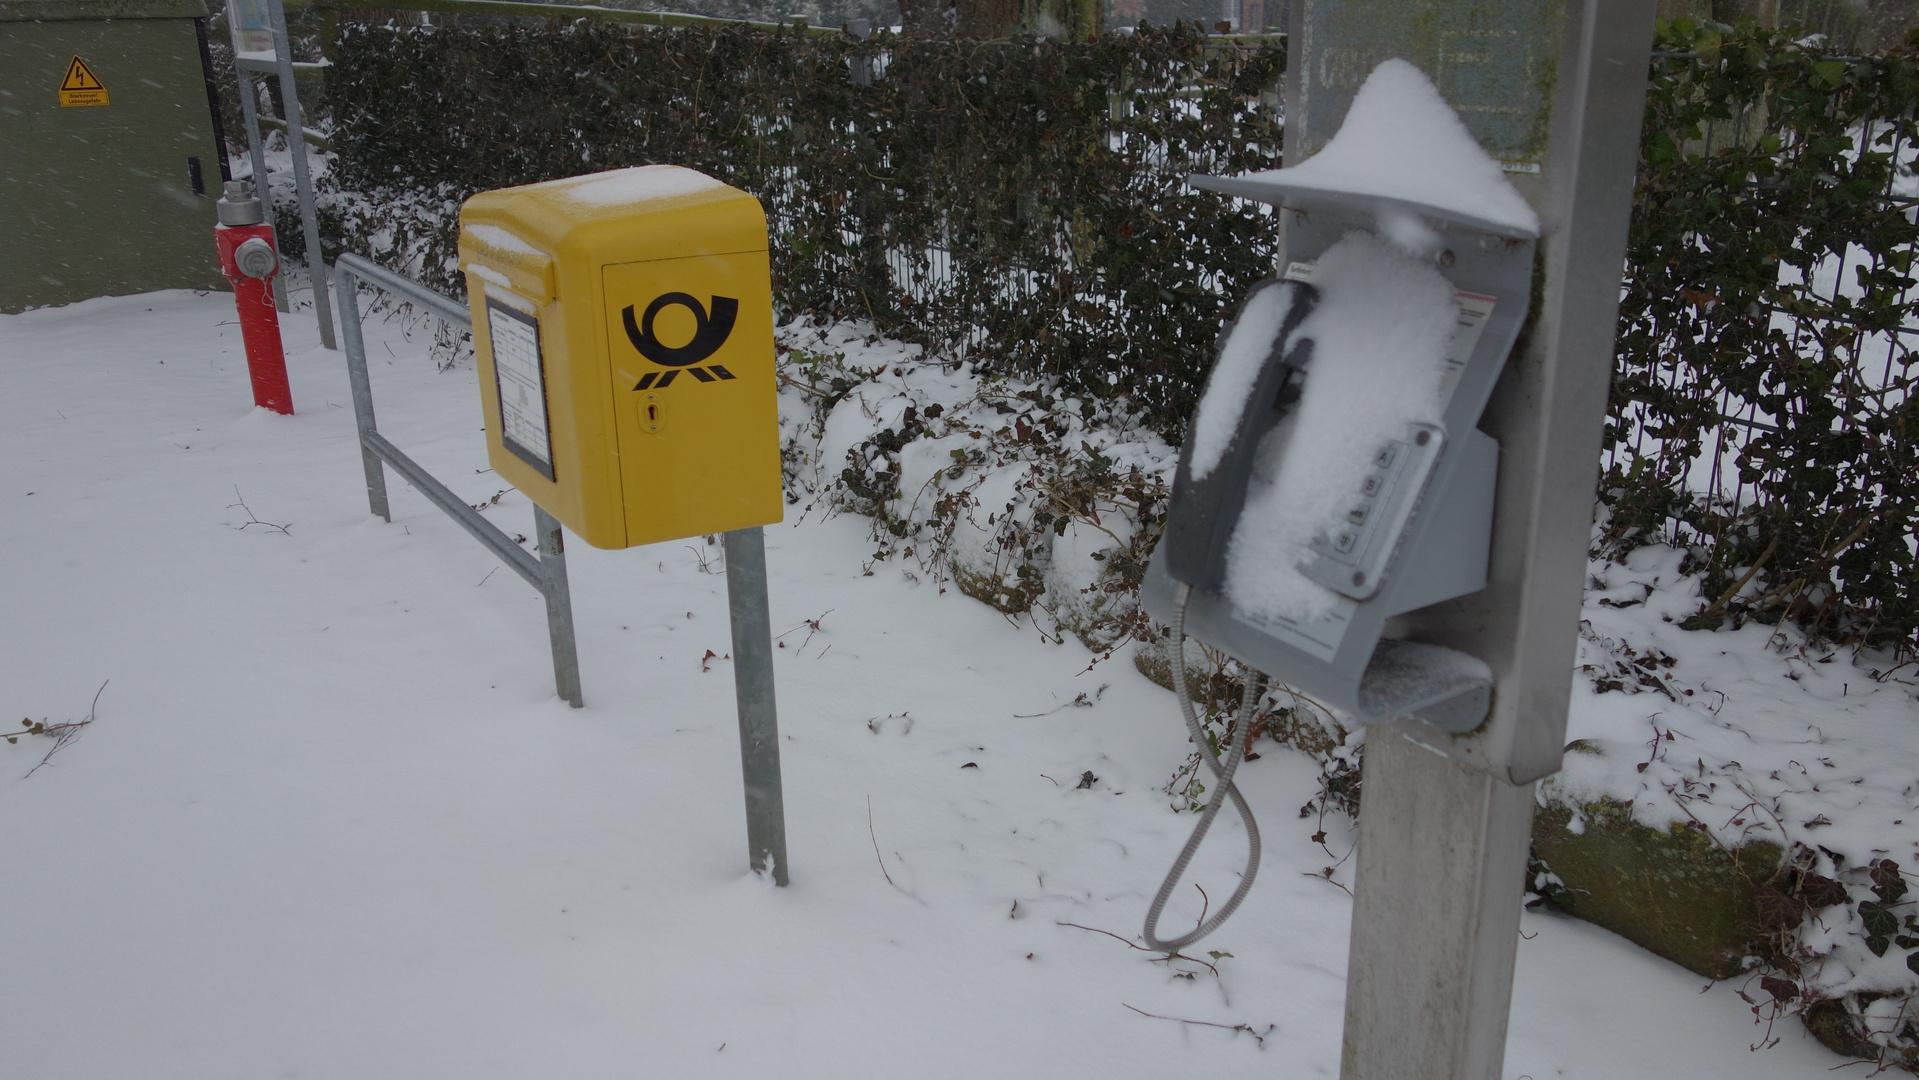 Strom, Wasser, Briefe, Telefon